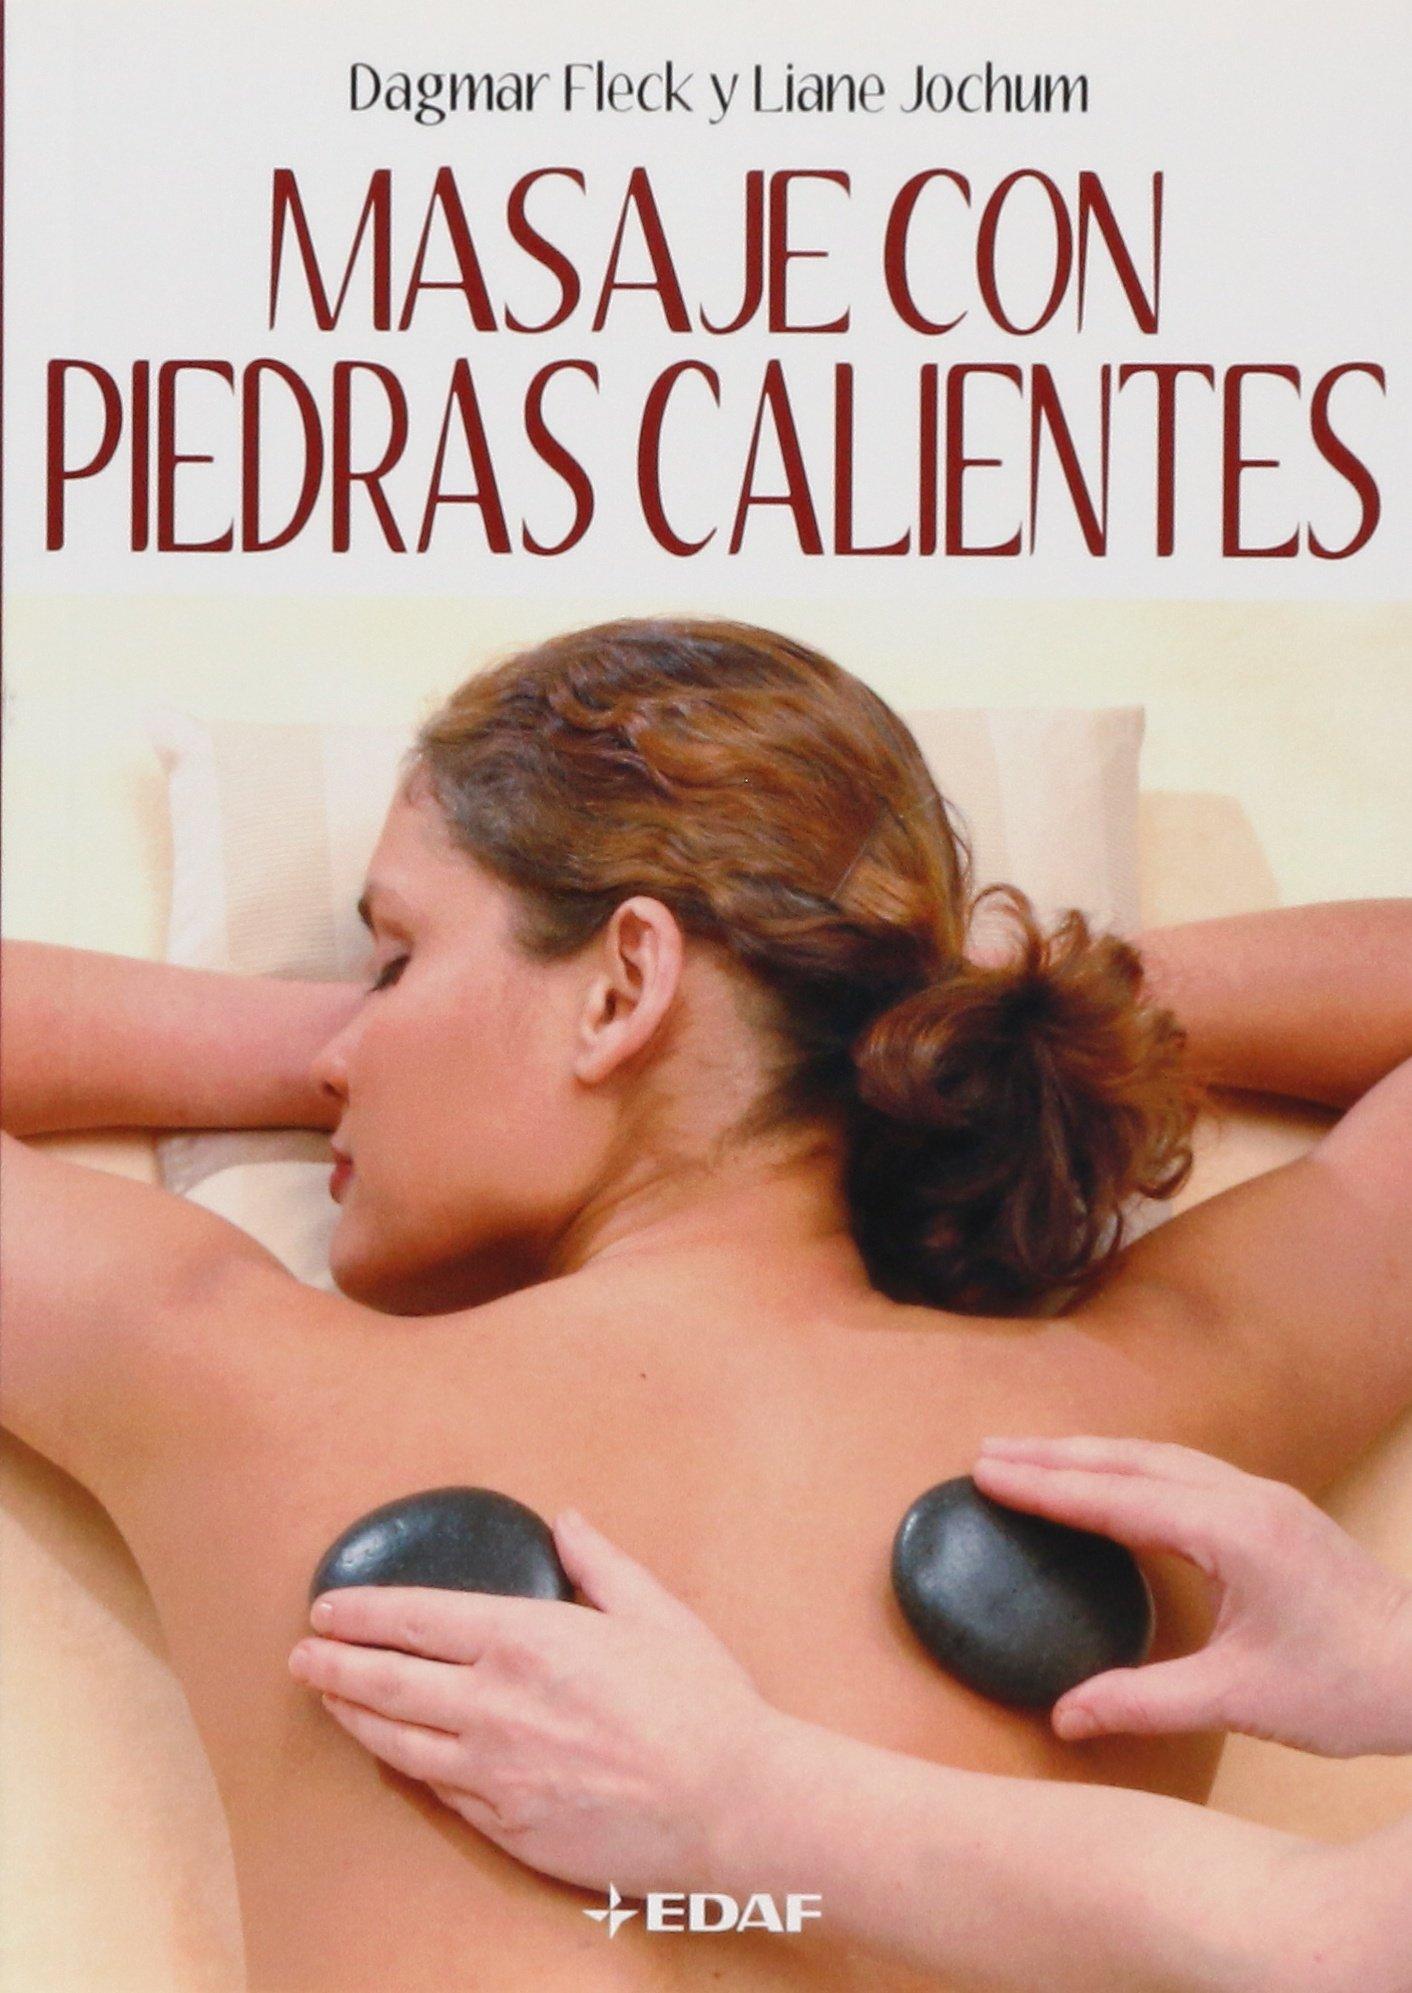 Read Online Masaje con piedras calientes (Spanish Edition) PDF